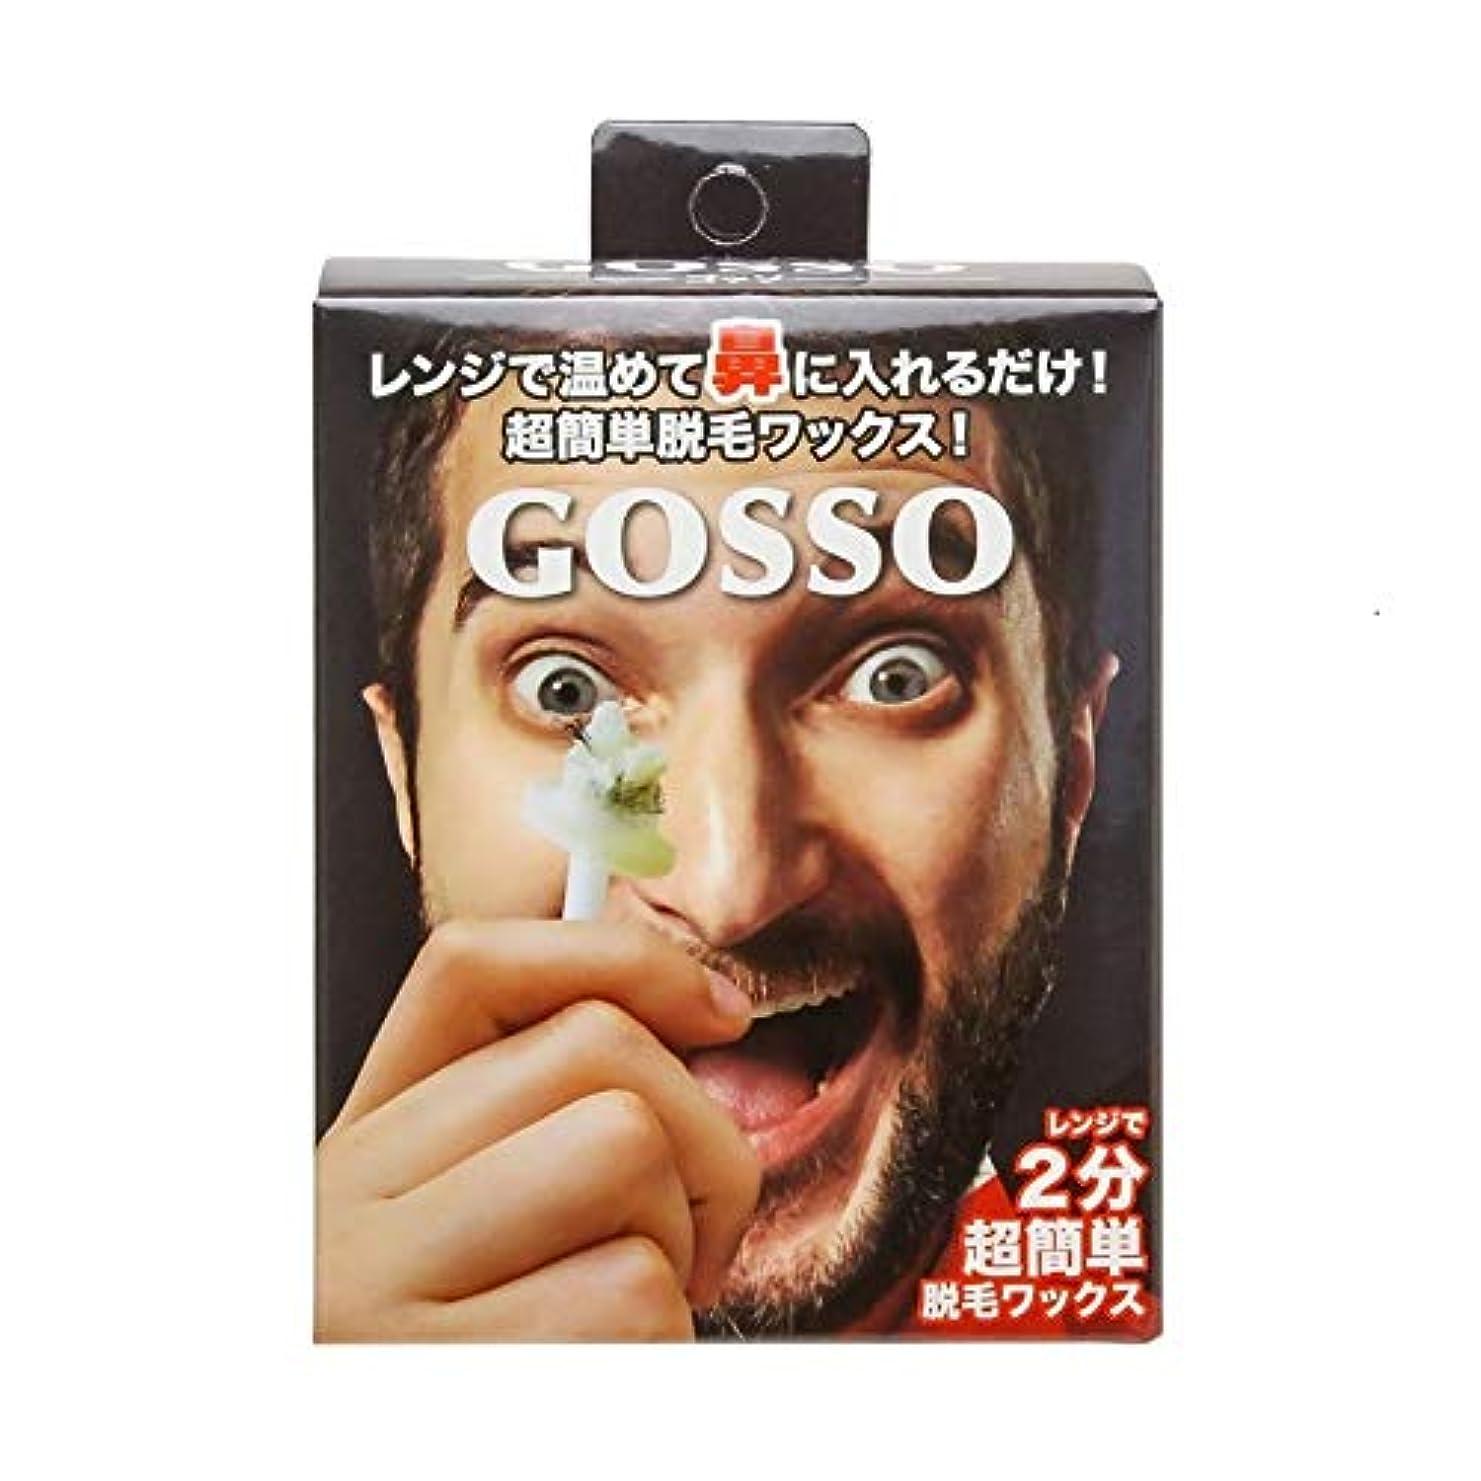 形遺伝的知り合いになるGOSSO ゴッソ (ブラジリアンワックス鼻毛脱毛セット)